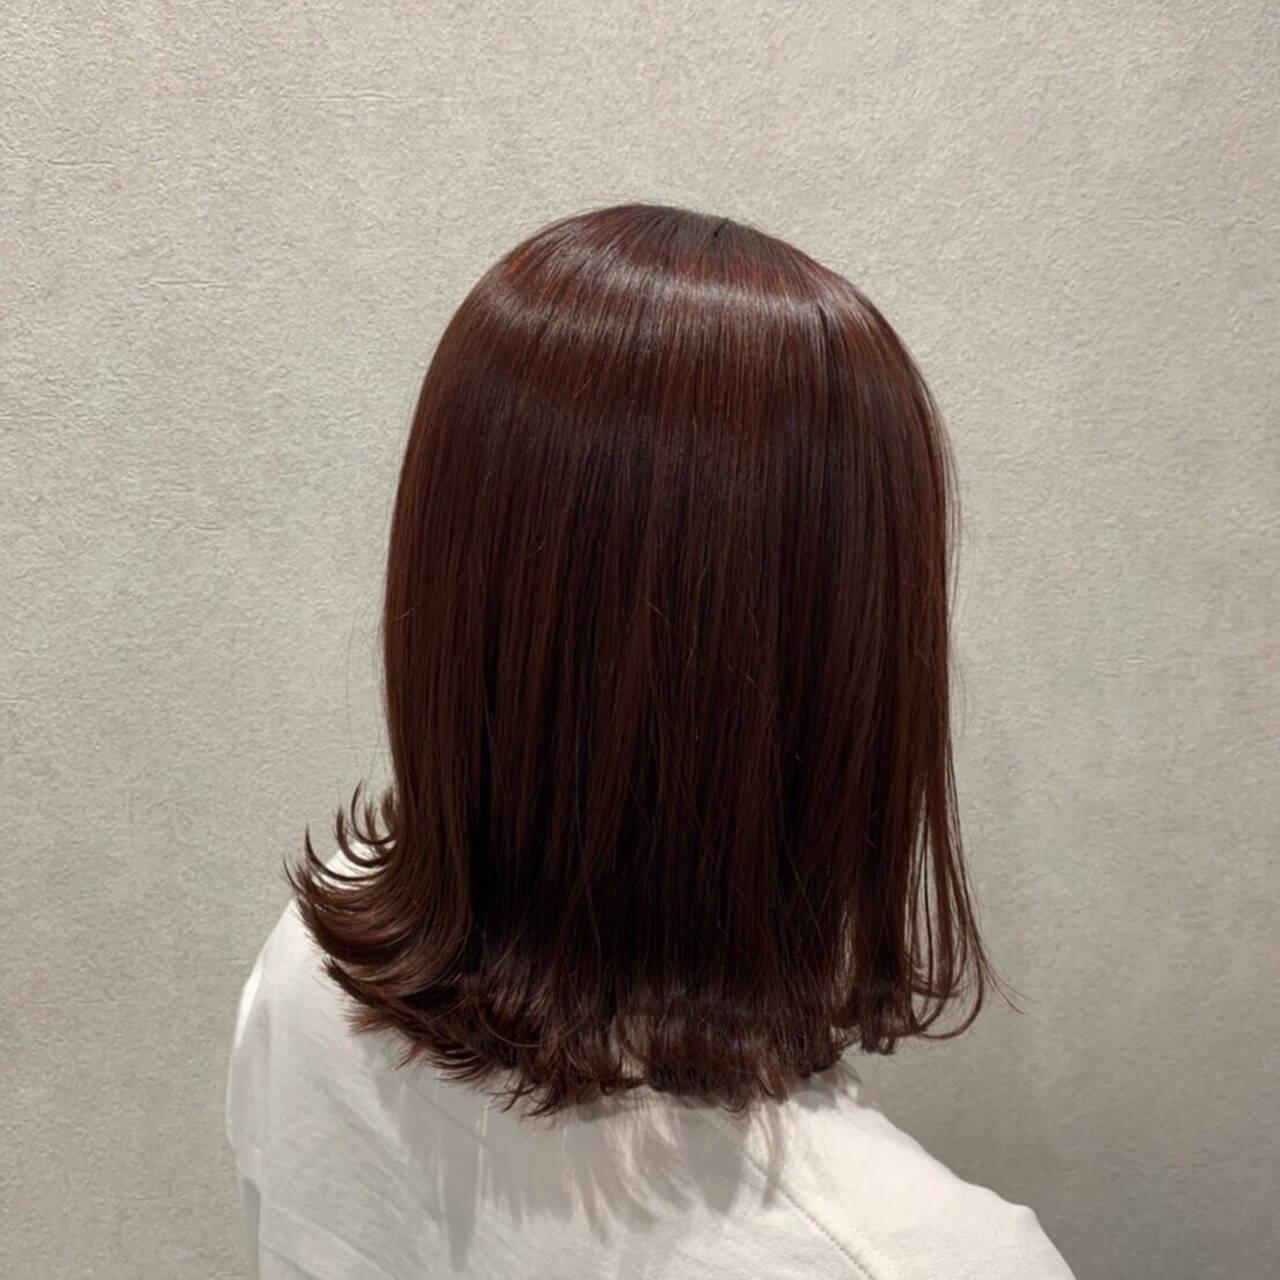 ピンクブラウン ピンクベージュ ミディアム 外ハネヘアスタイルや髪型の写真・画像